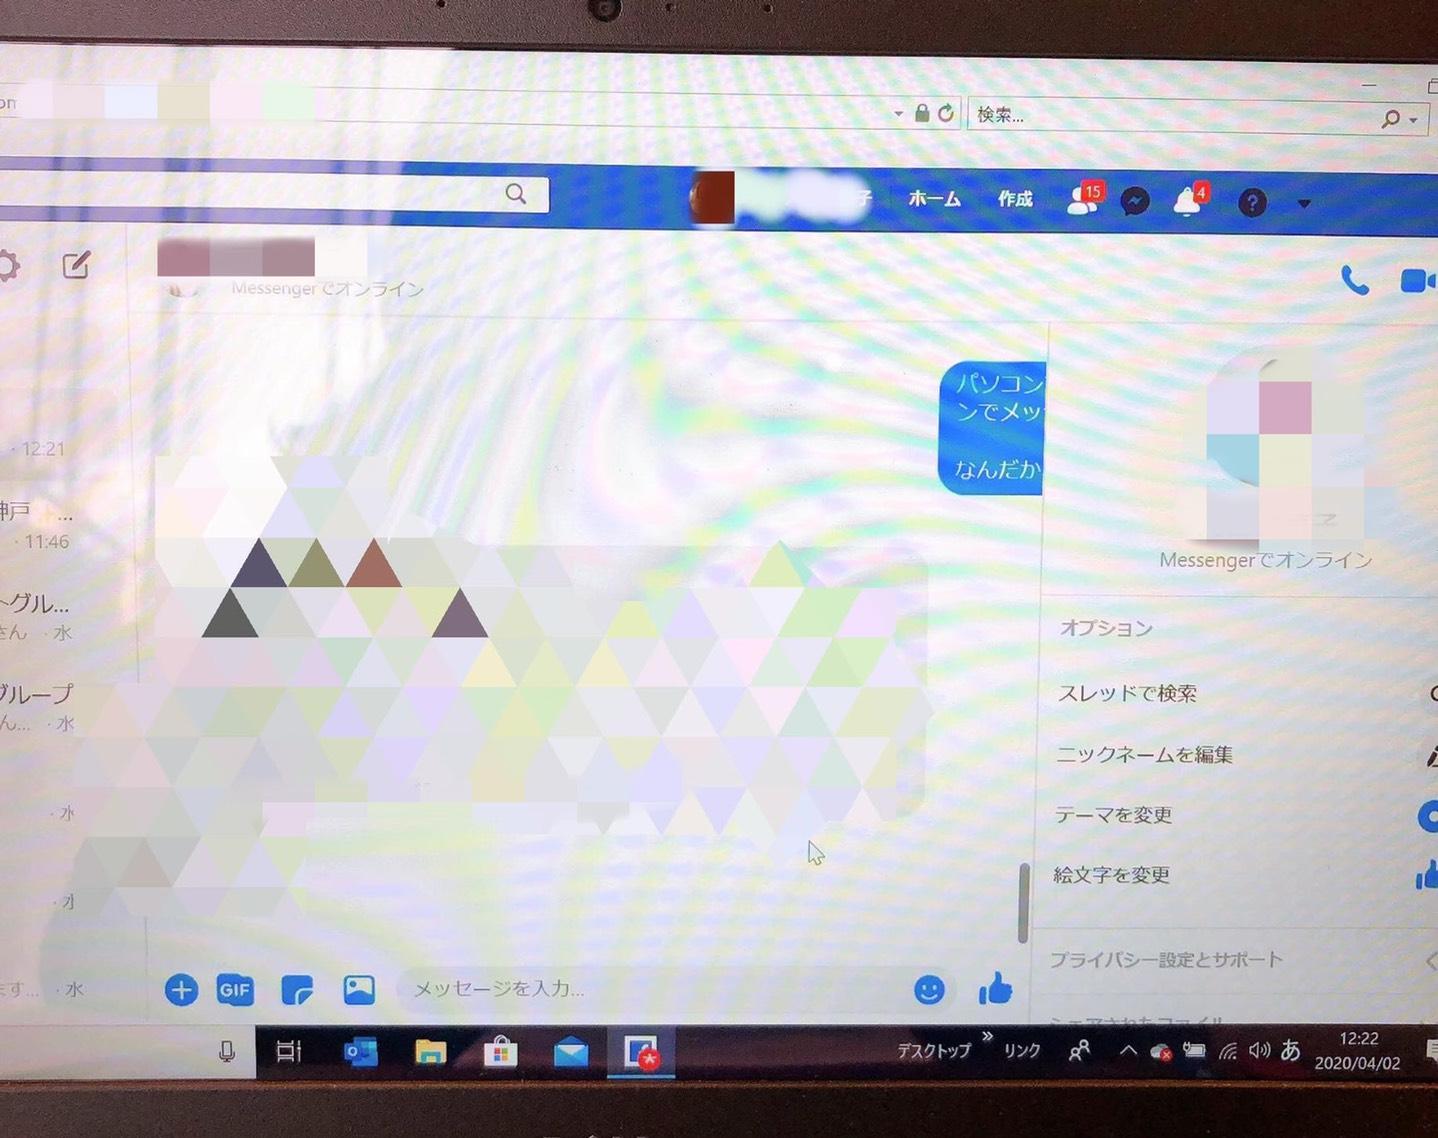 【Facebook】メッセンジャーで「画面からメッセージが、はみ出る問題」の対処法